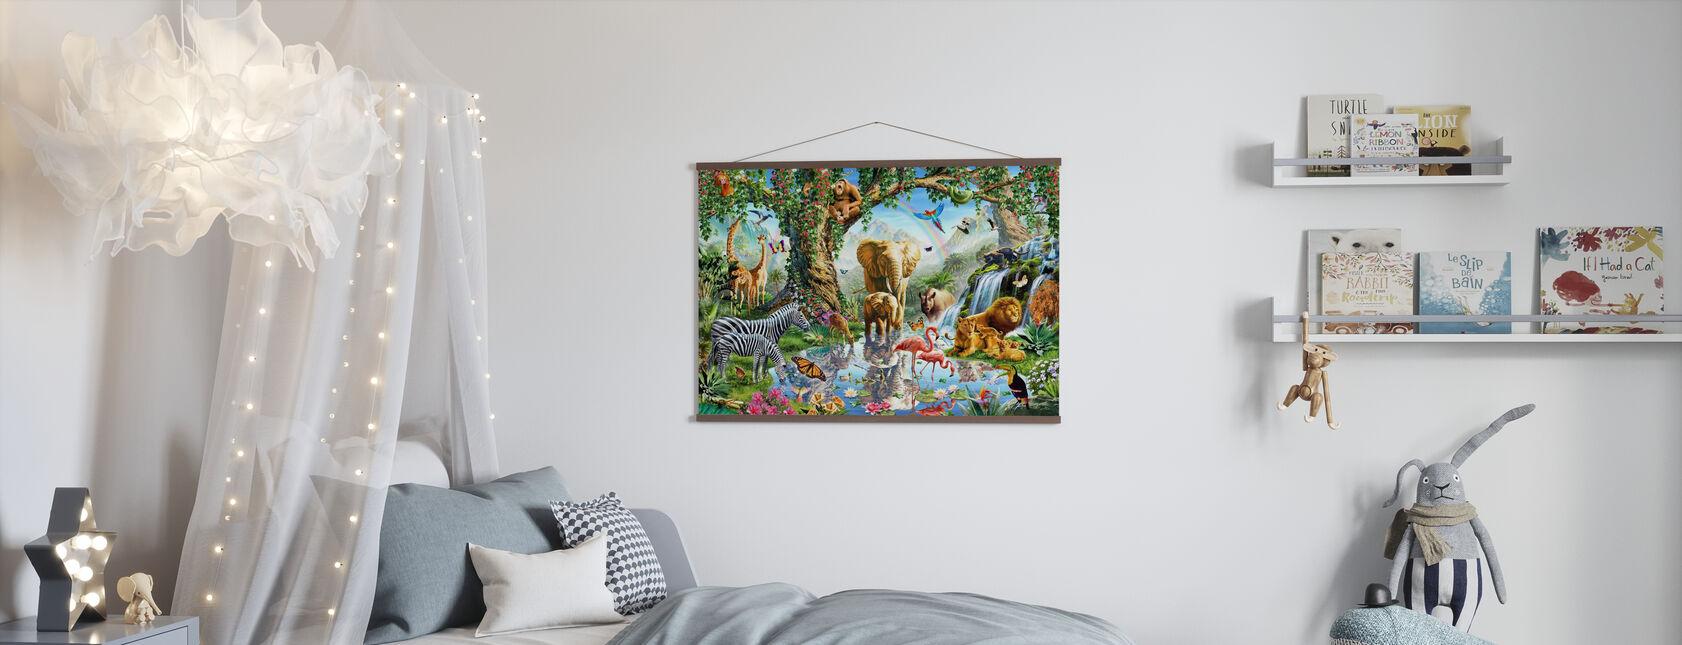 Jungle Lake met wilde dieren - Poster - Kinderkamer